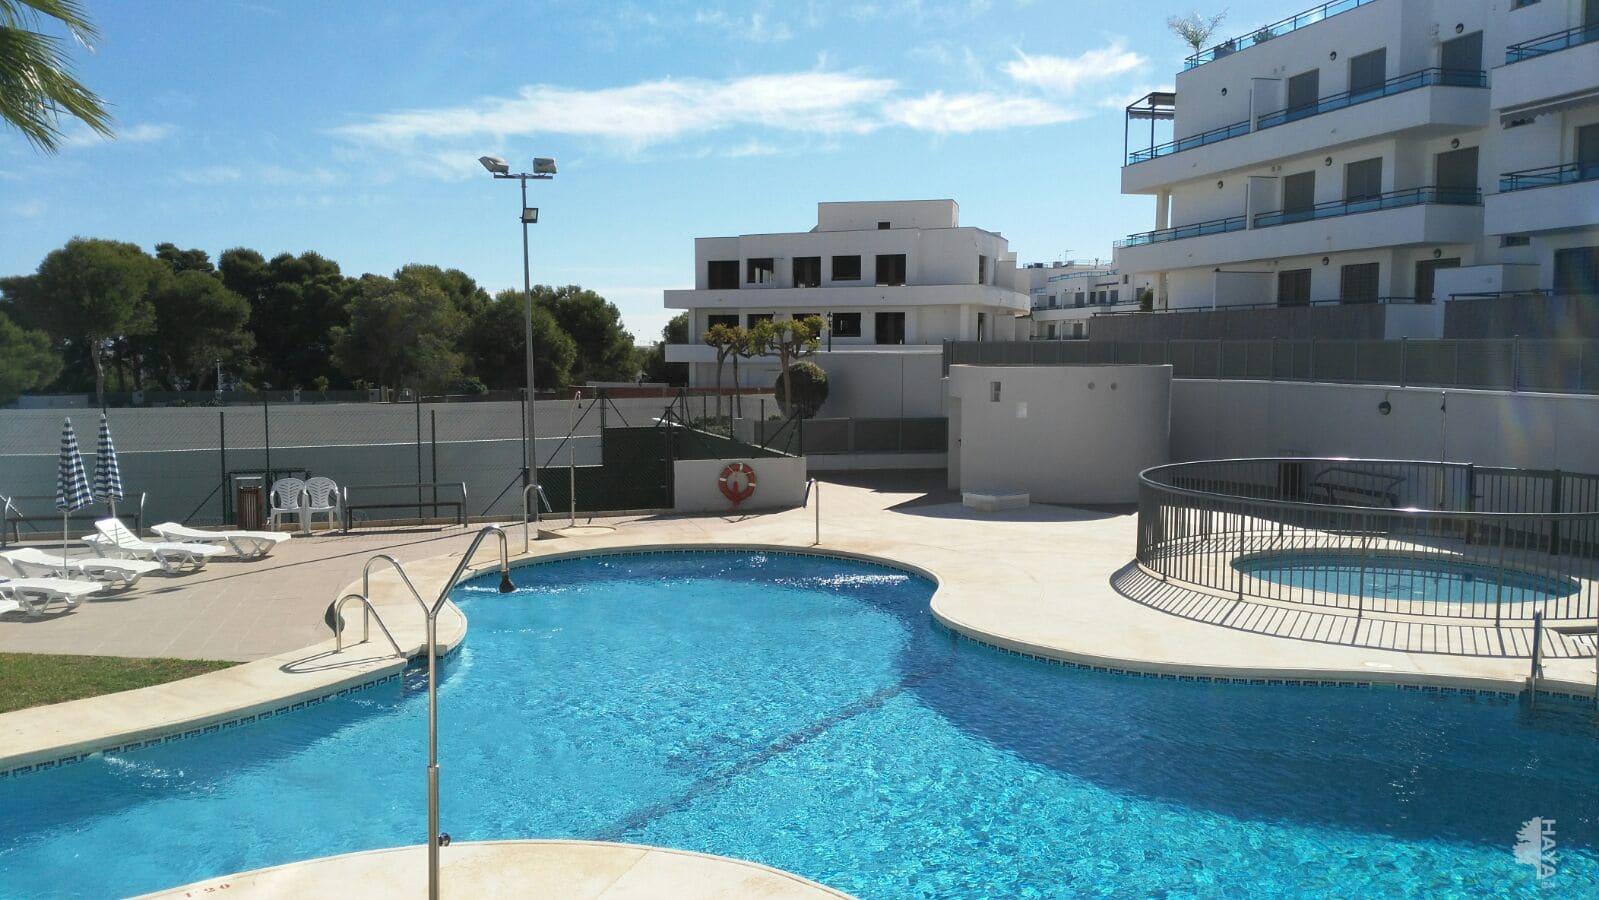 Piso en venta en Garrucha, Almería, Calle Murillo (pinar de Garrucha), B, 195.000 €, 2 habitaciones, 2 baños, 68 m2